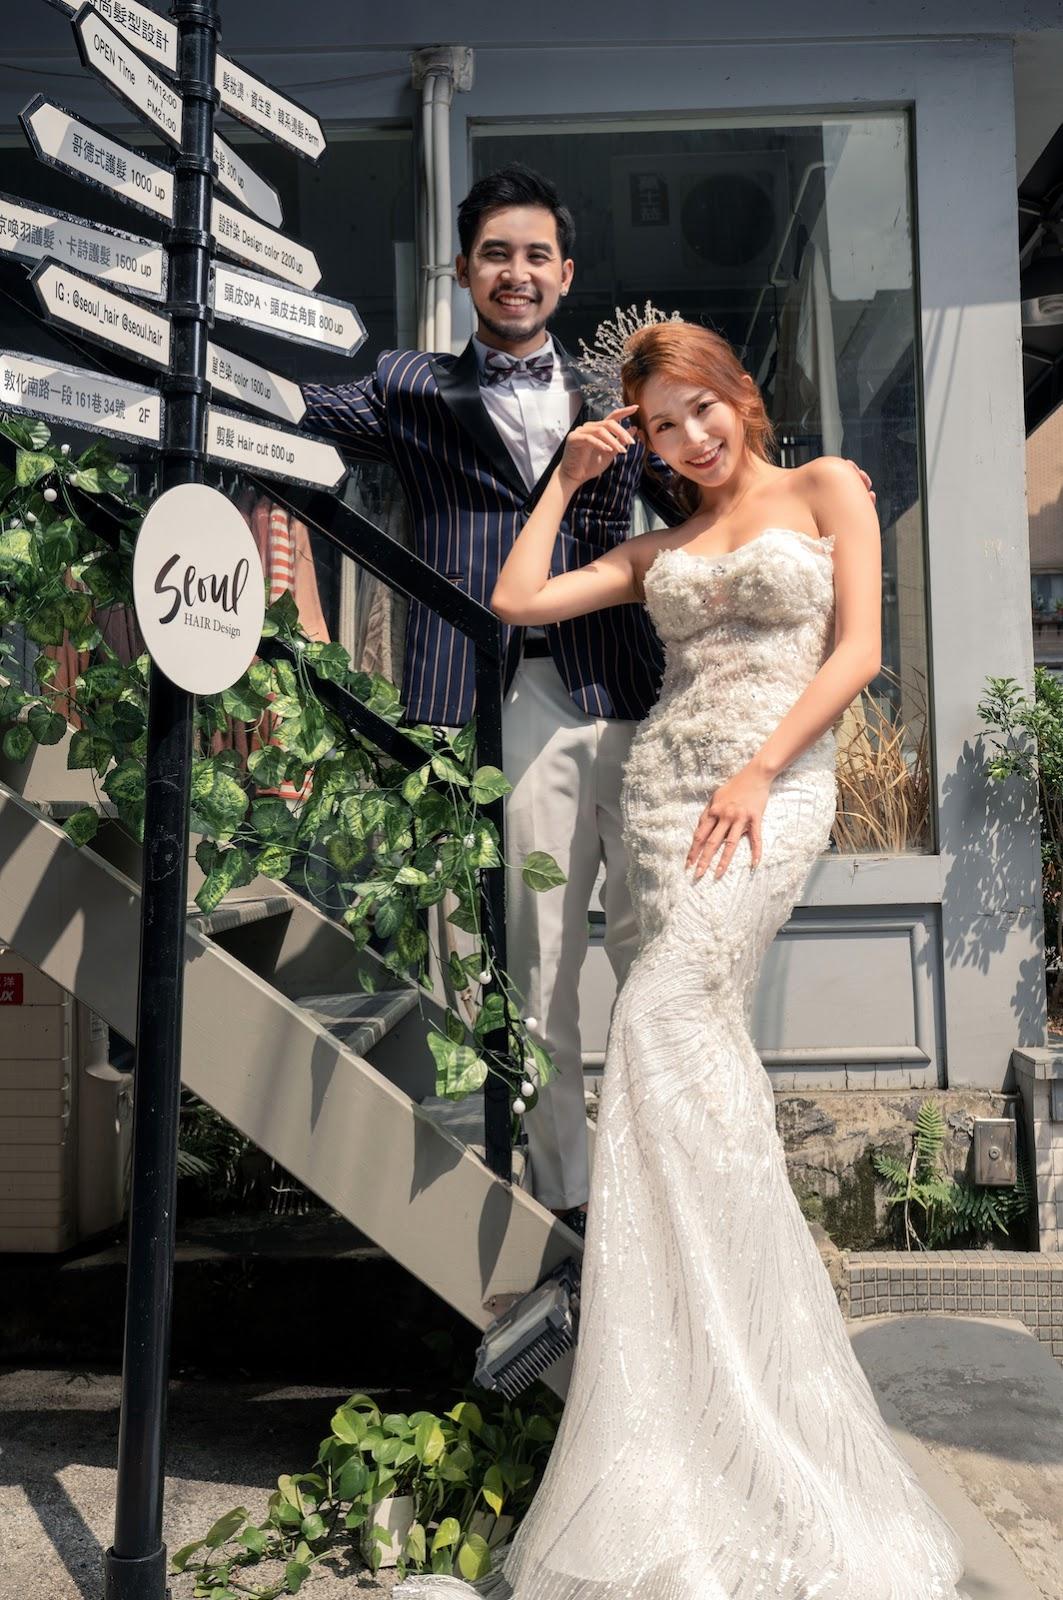 台北婚禮攝影師,台北婚紗攝影師